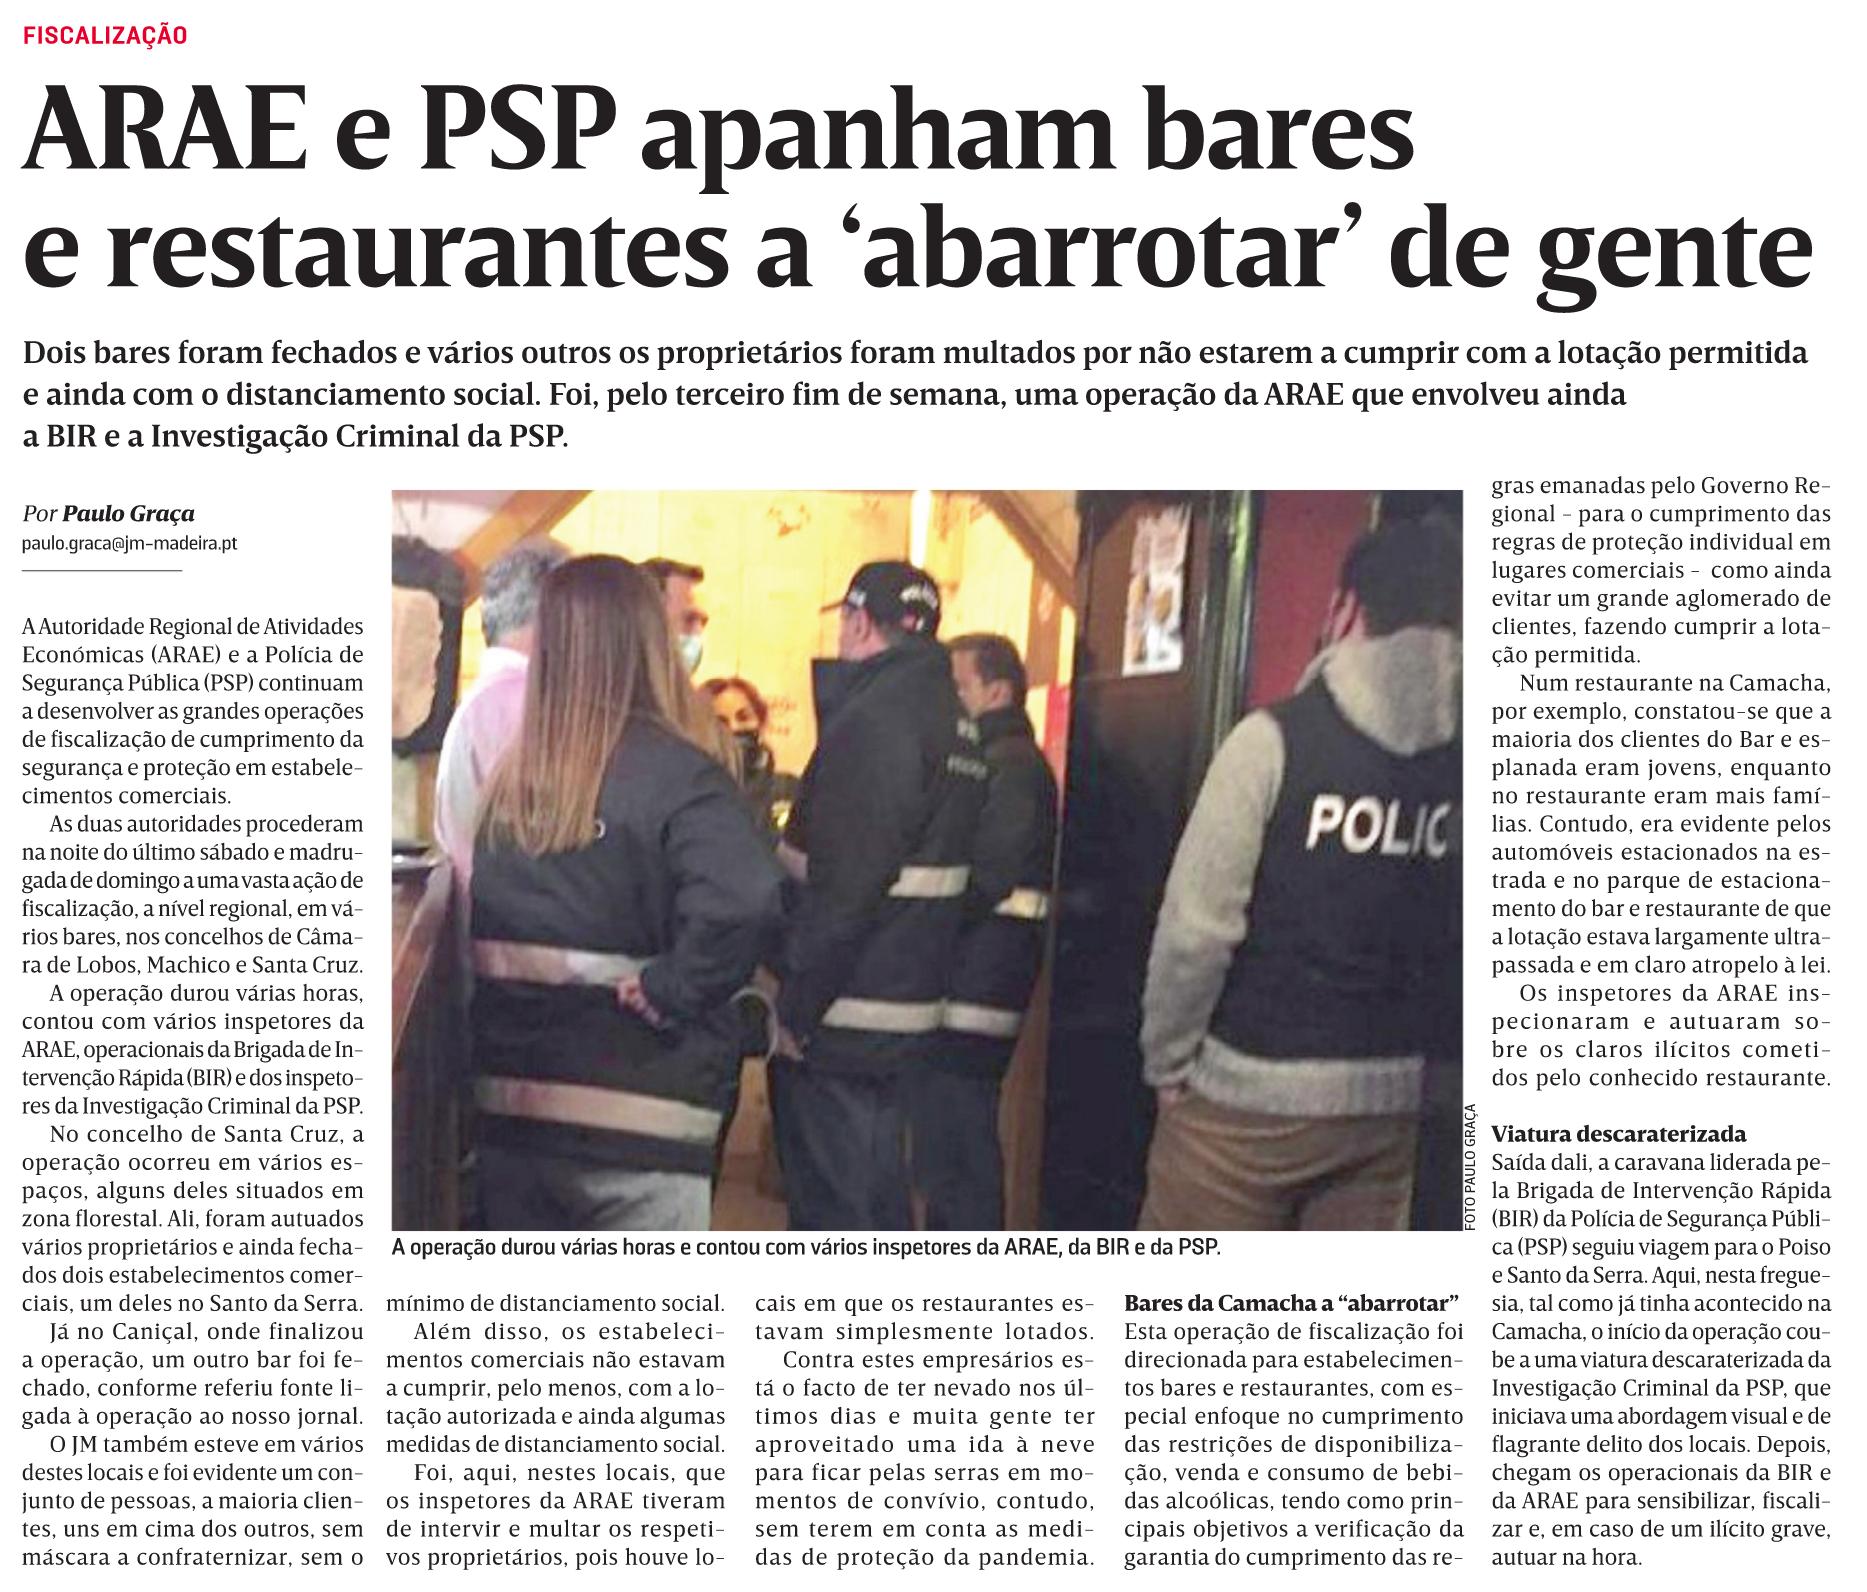 in JM-Madeira, edição de 30/11/2020